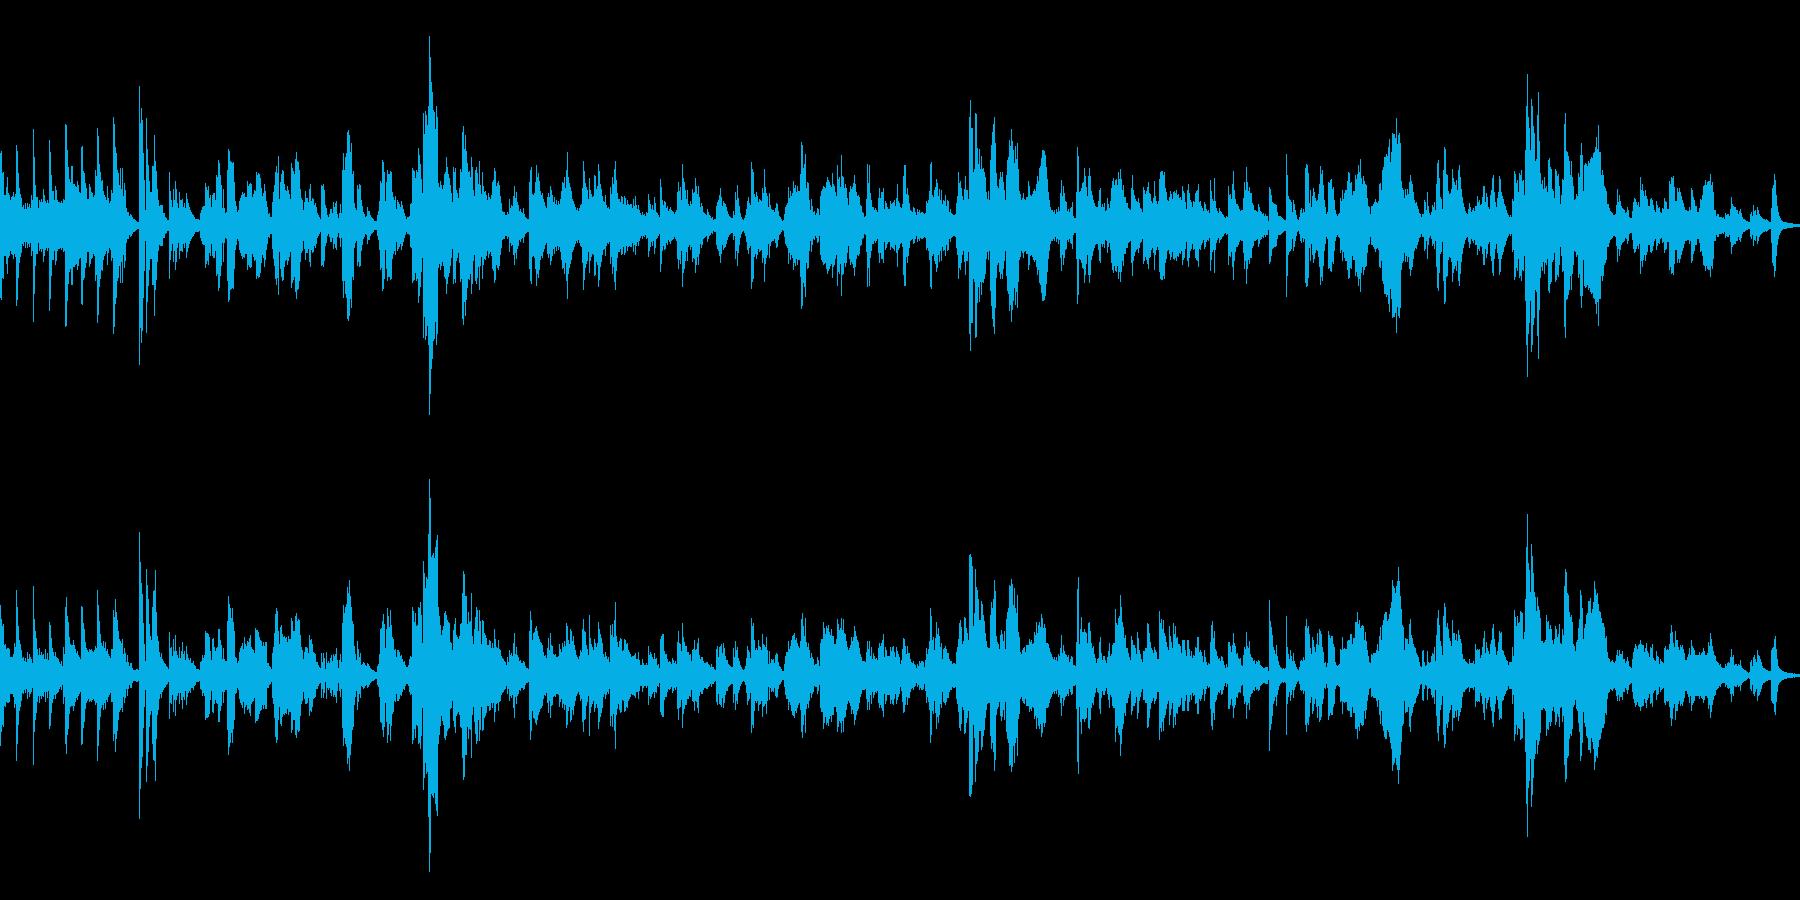 ピアノとボーカルのシンプルなバラードの再生済みの波形